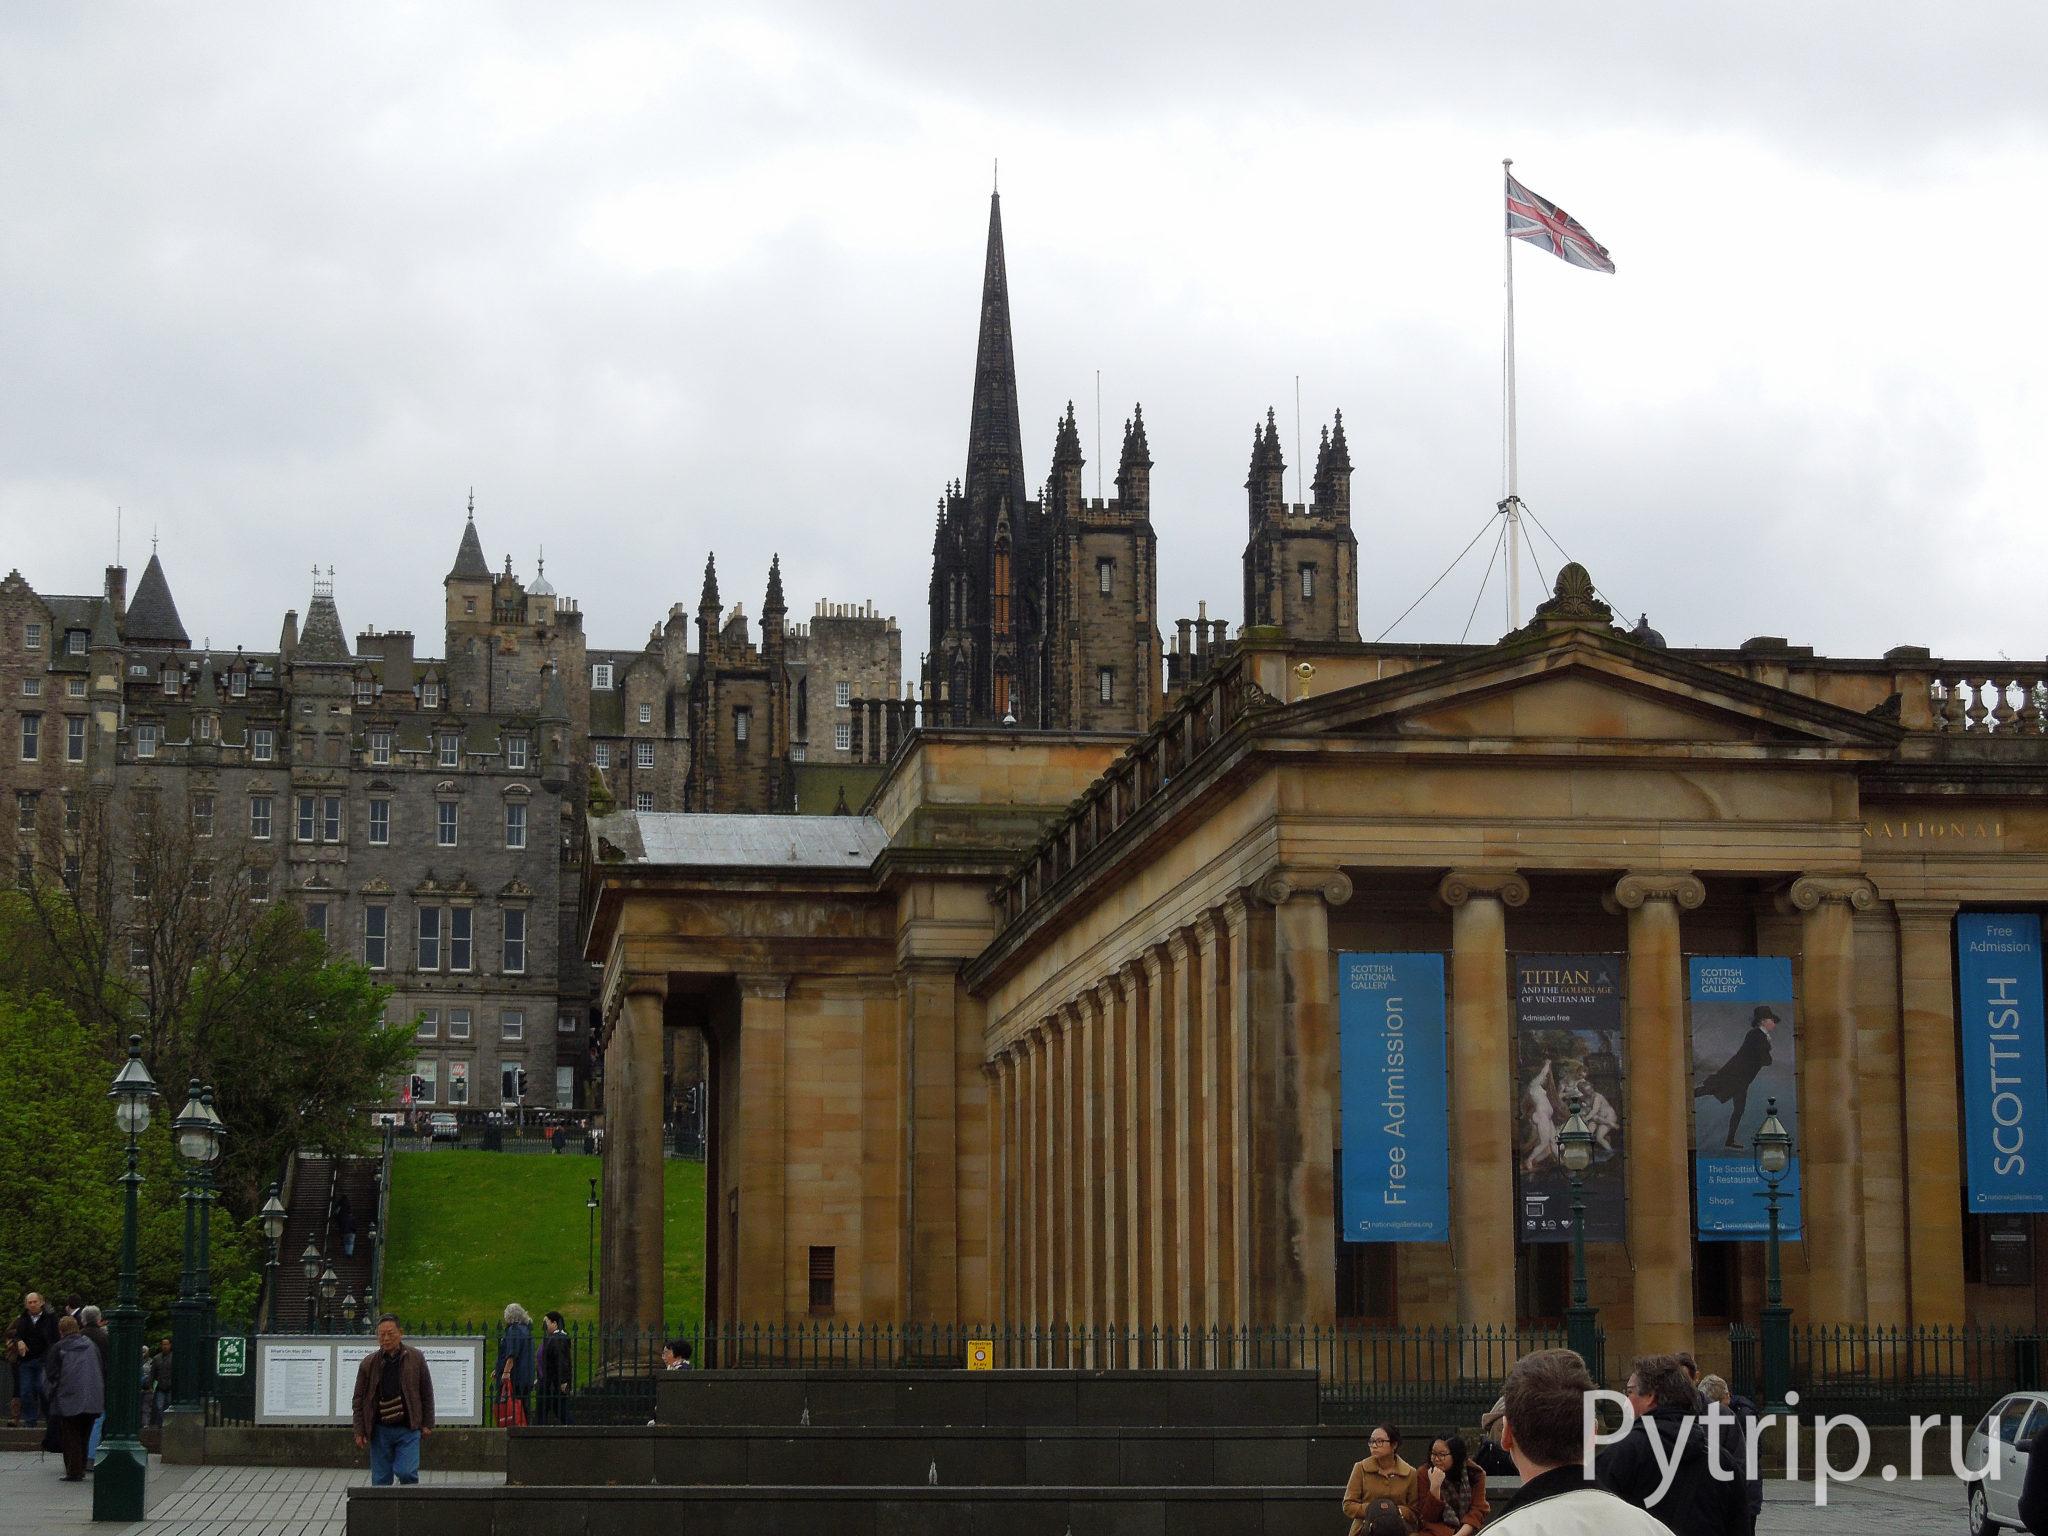 Первый день в Эдинбурге